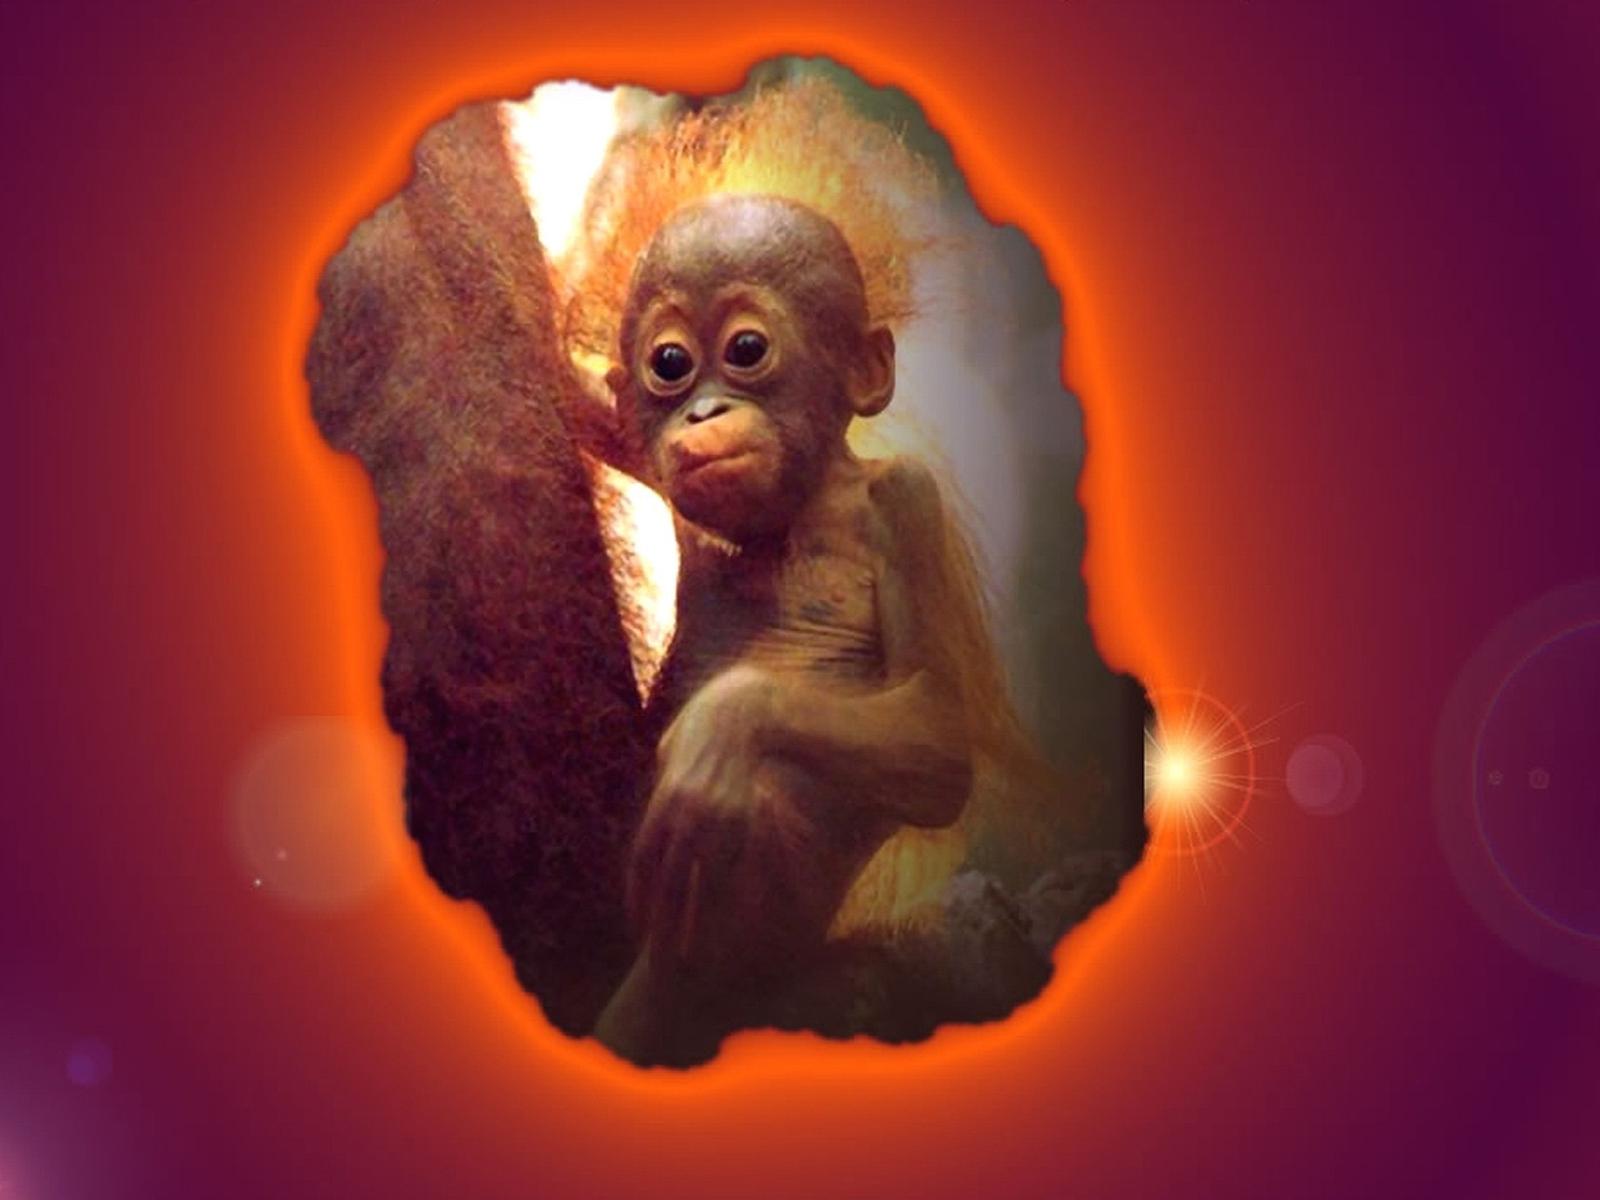 Desk top wallpaper PC wallpaper crazy monkey 1600x1200